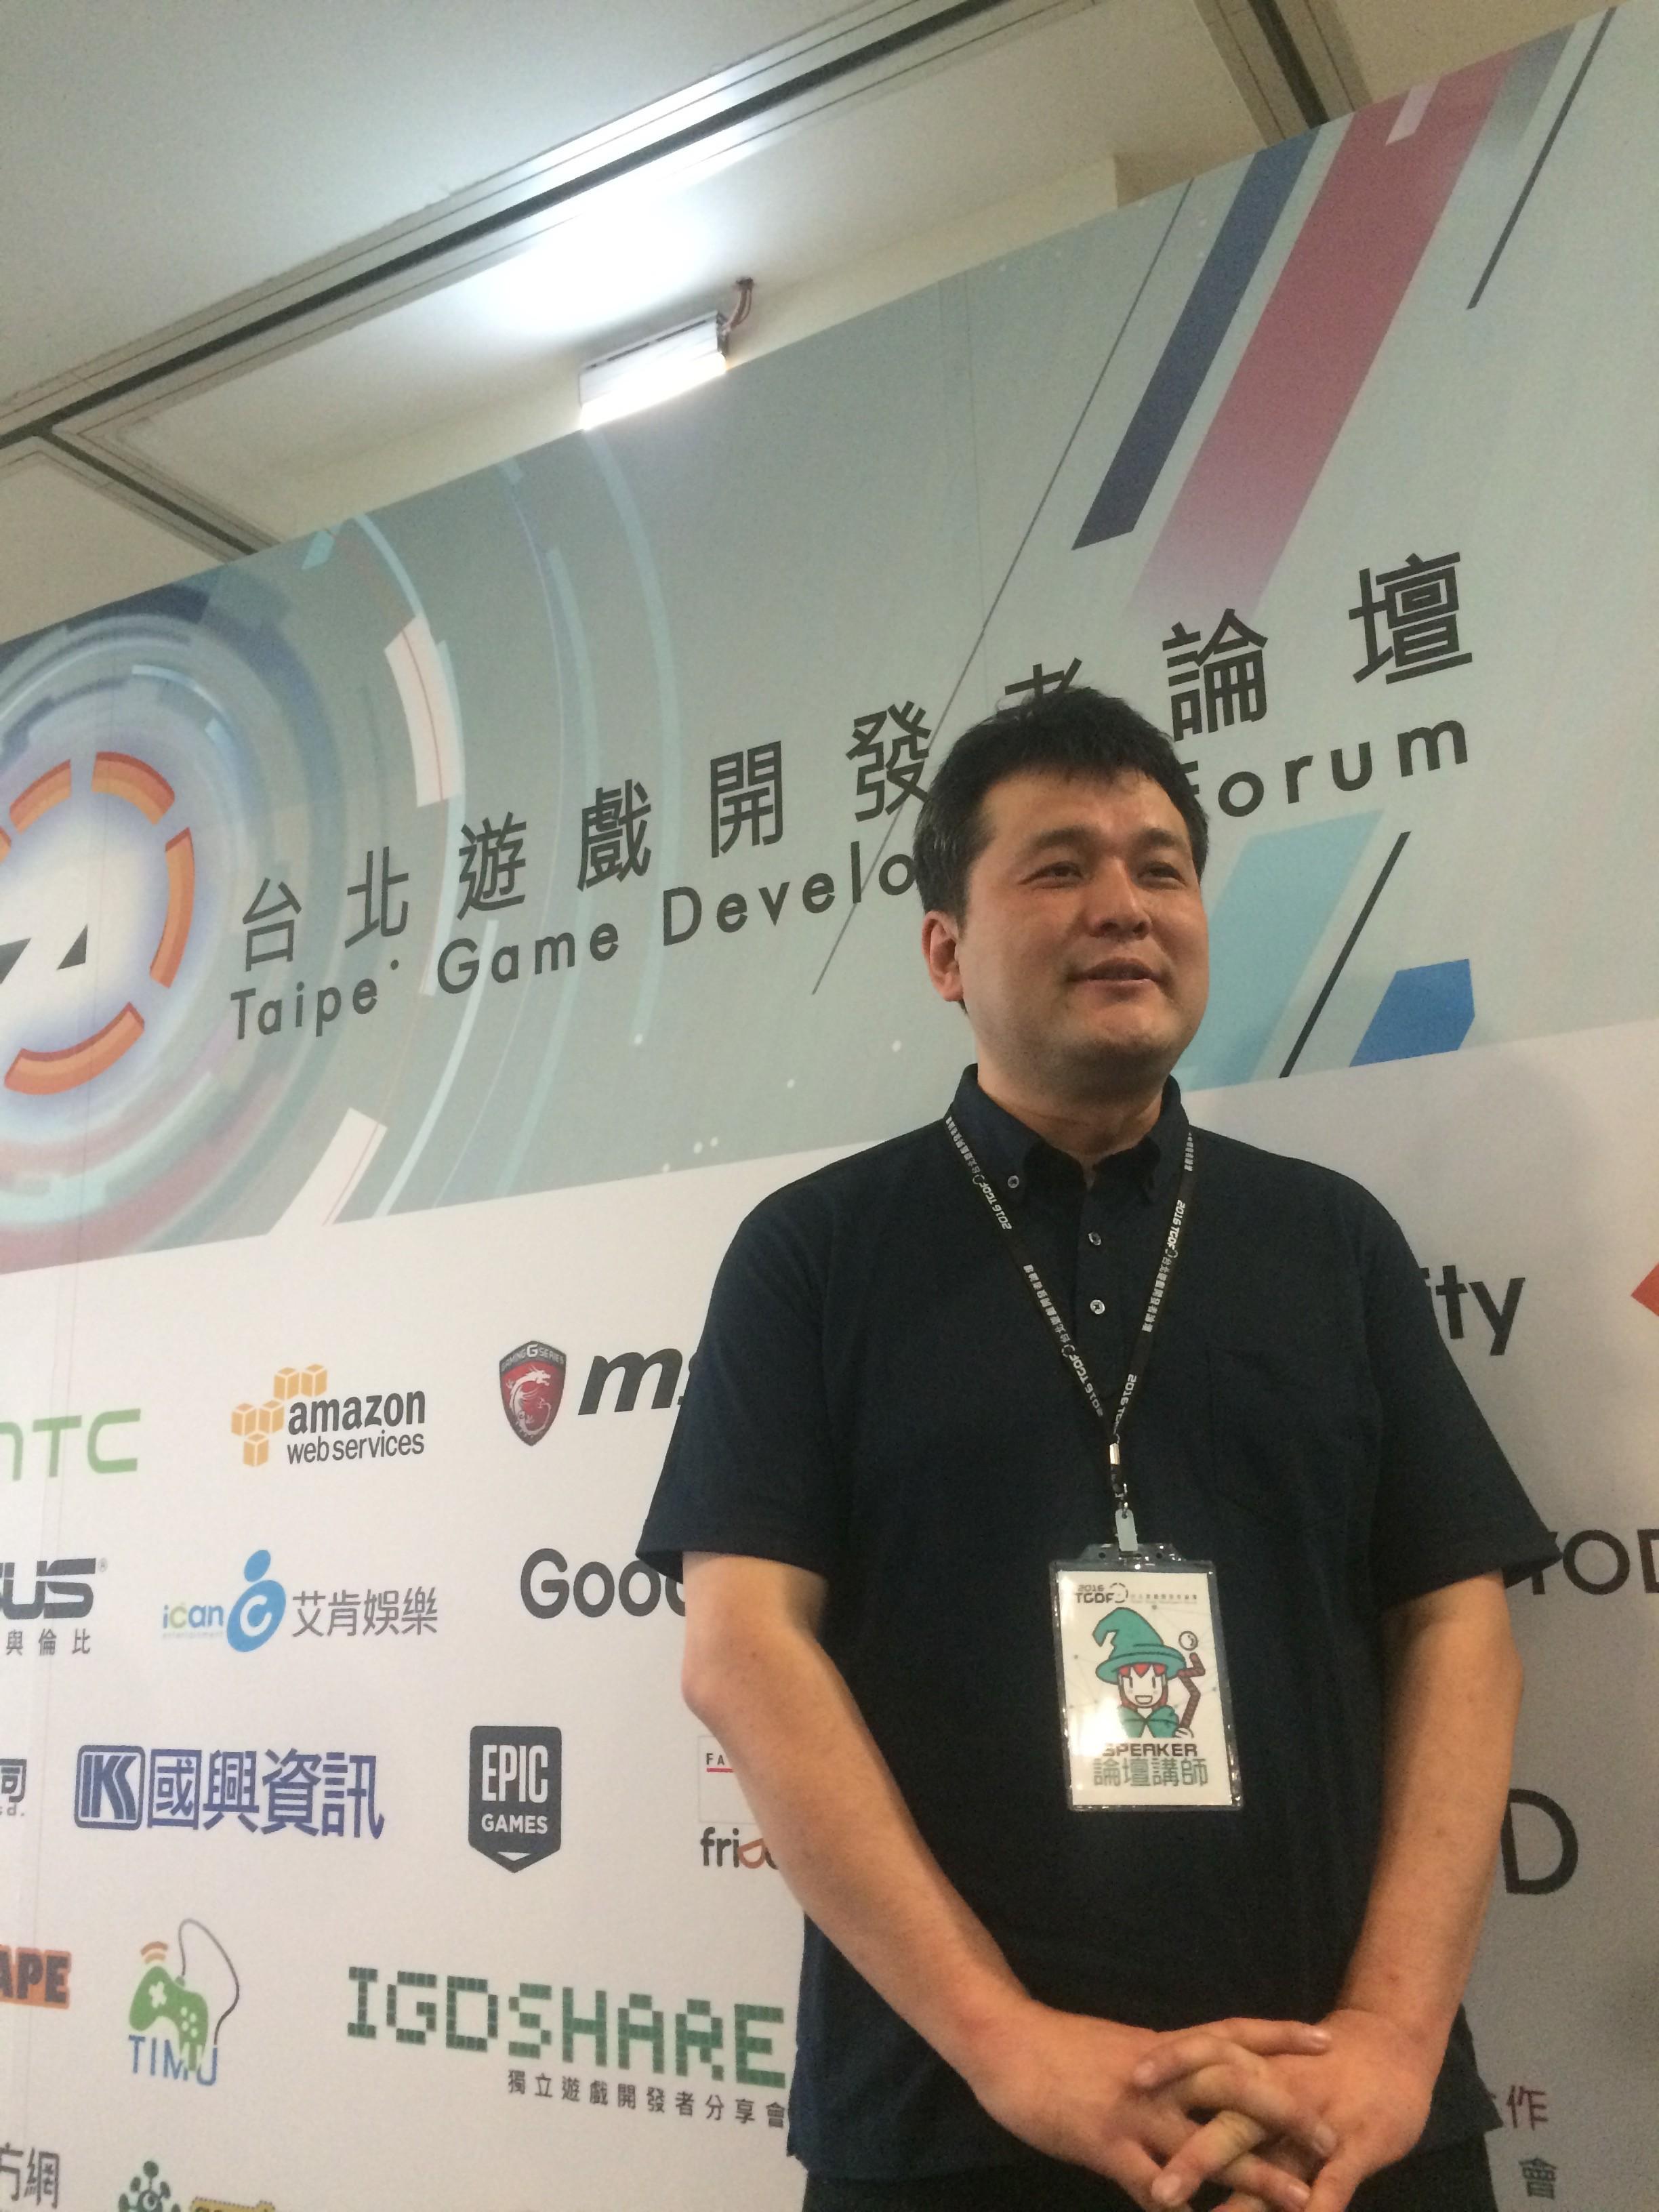 自稱阿宅的新清士,今年首次來台參加遊戲開發者論壇。